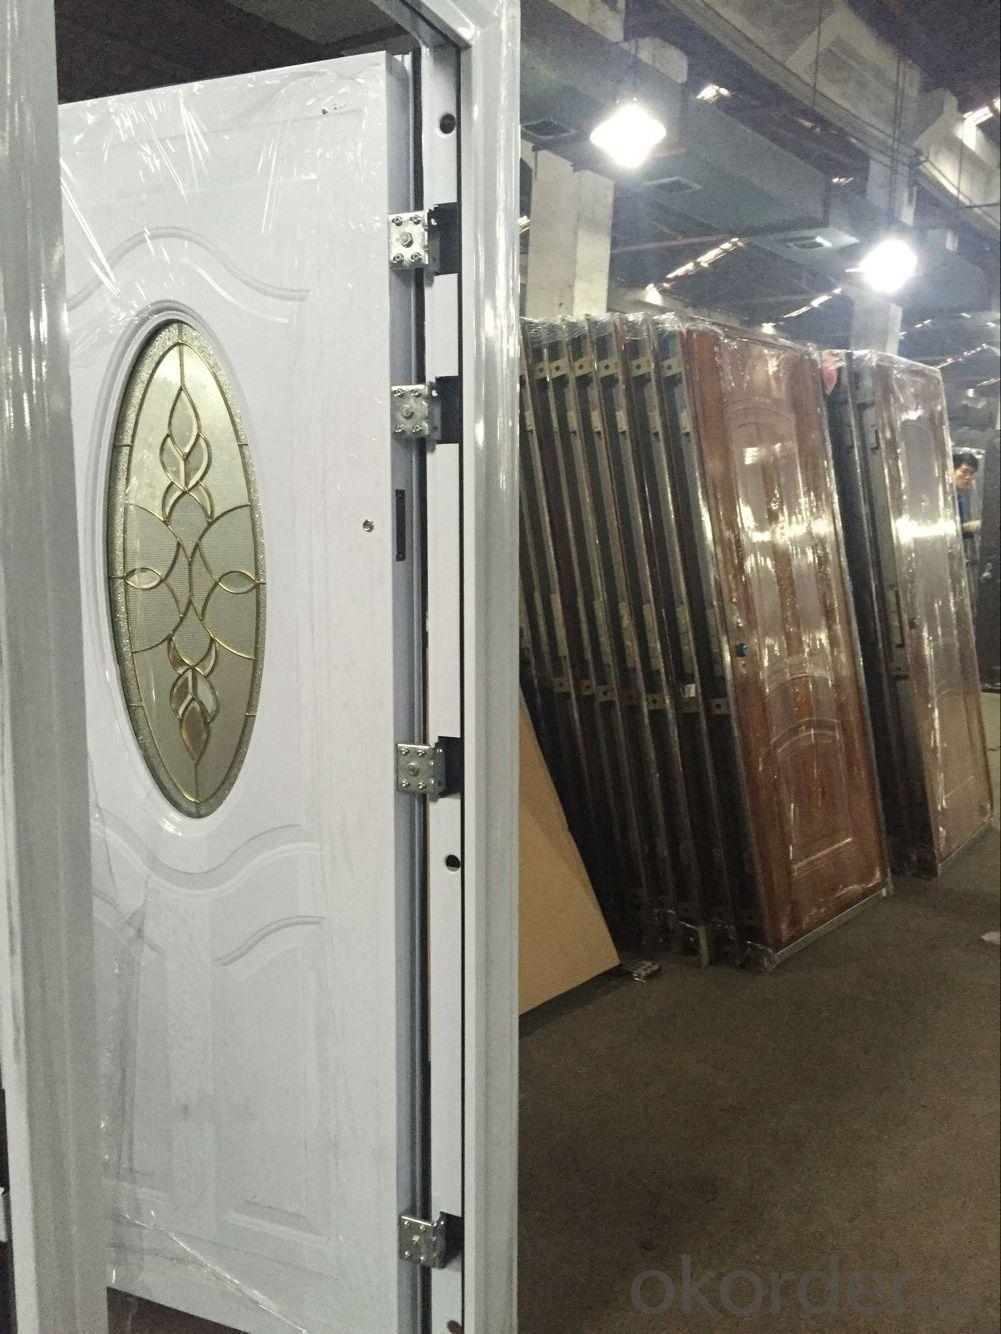 Fire Rated Steel Doors : Buy security metal doorfire rated steel fire door with bs